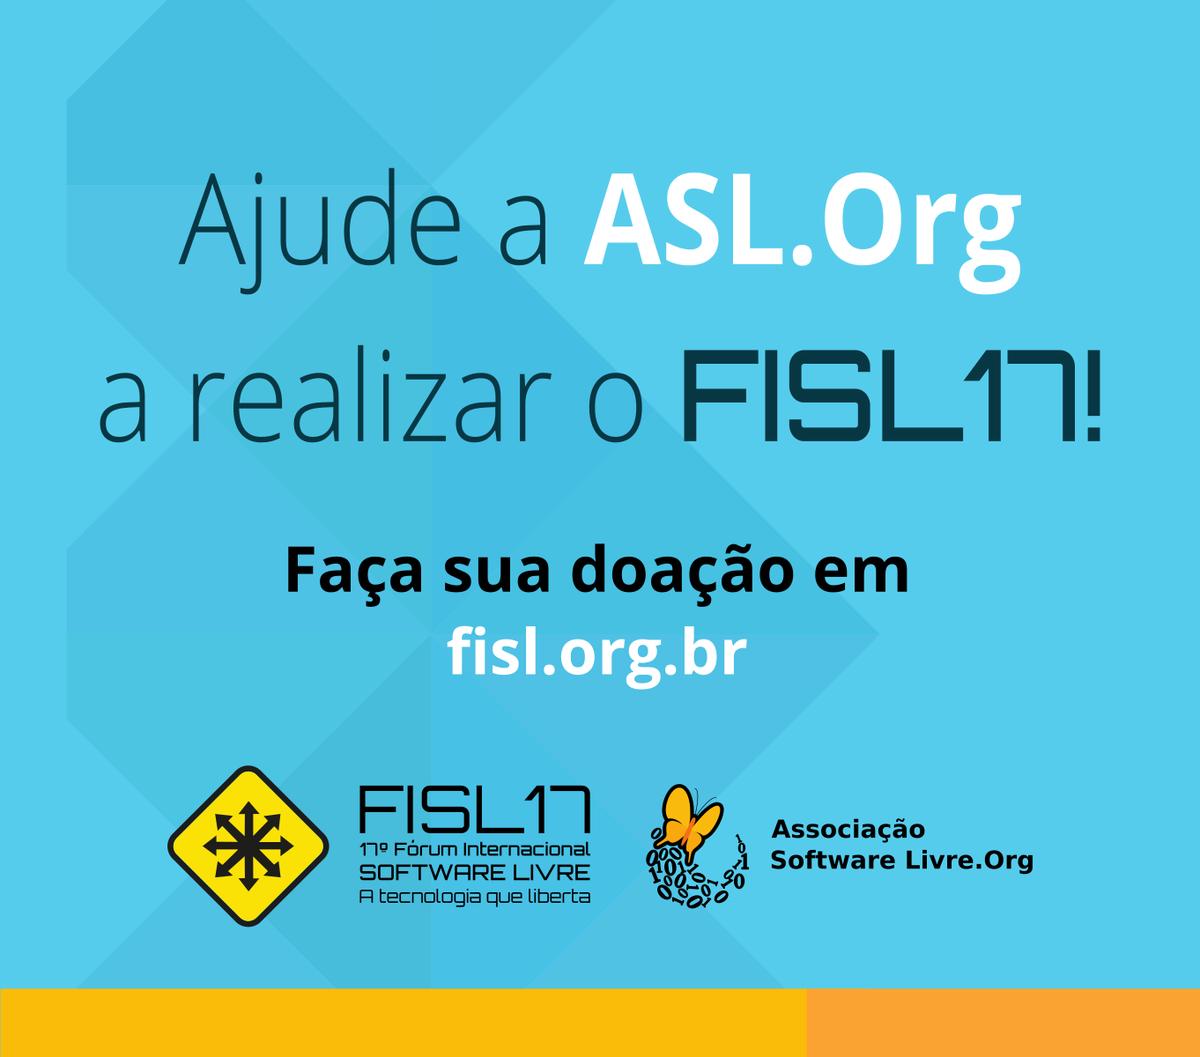 A @aslorg Lança Campanha de Doação para Realizar o #FISL17. Participe! https://t.co/Nz2p6JeLCh https://t.co/nAoWegfvEl